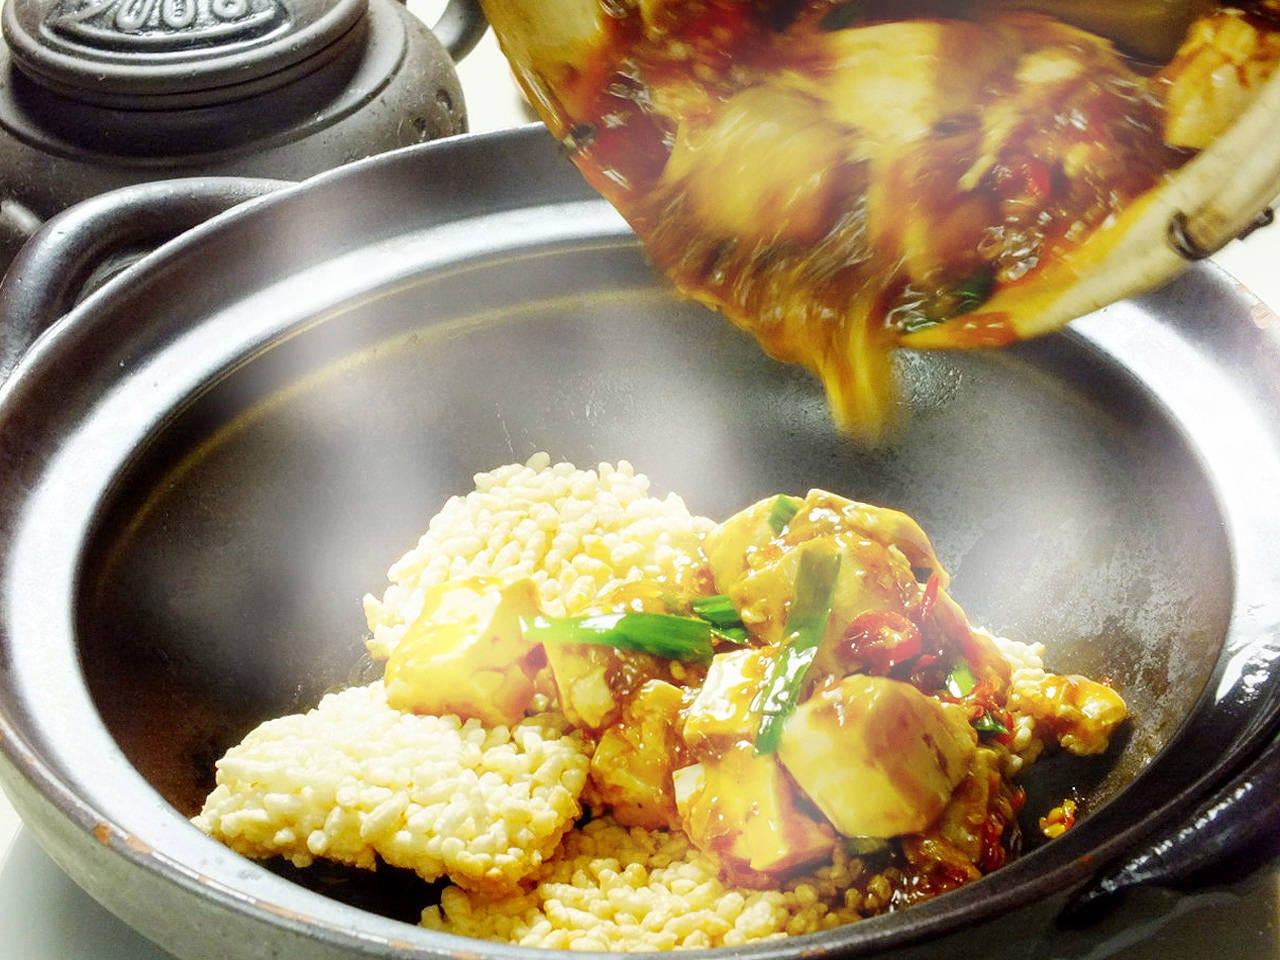 音、香り、食感、当店オリジナルの麻婆豆腐をお楽しみ下さい。